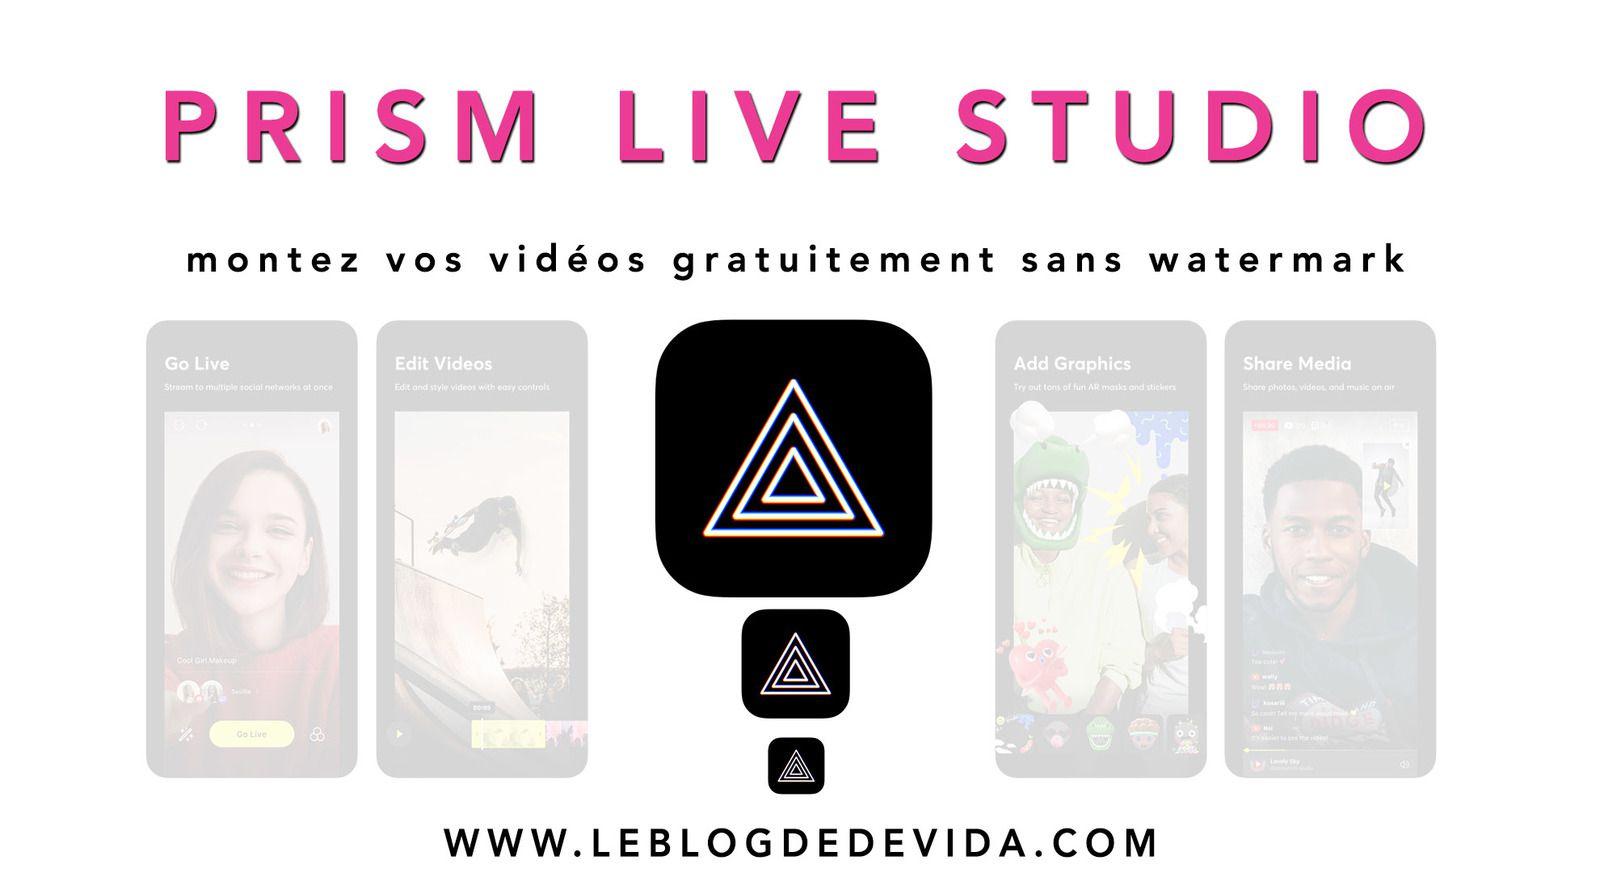 PRISM Live Studio